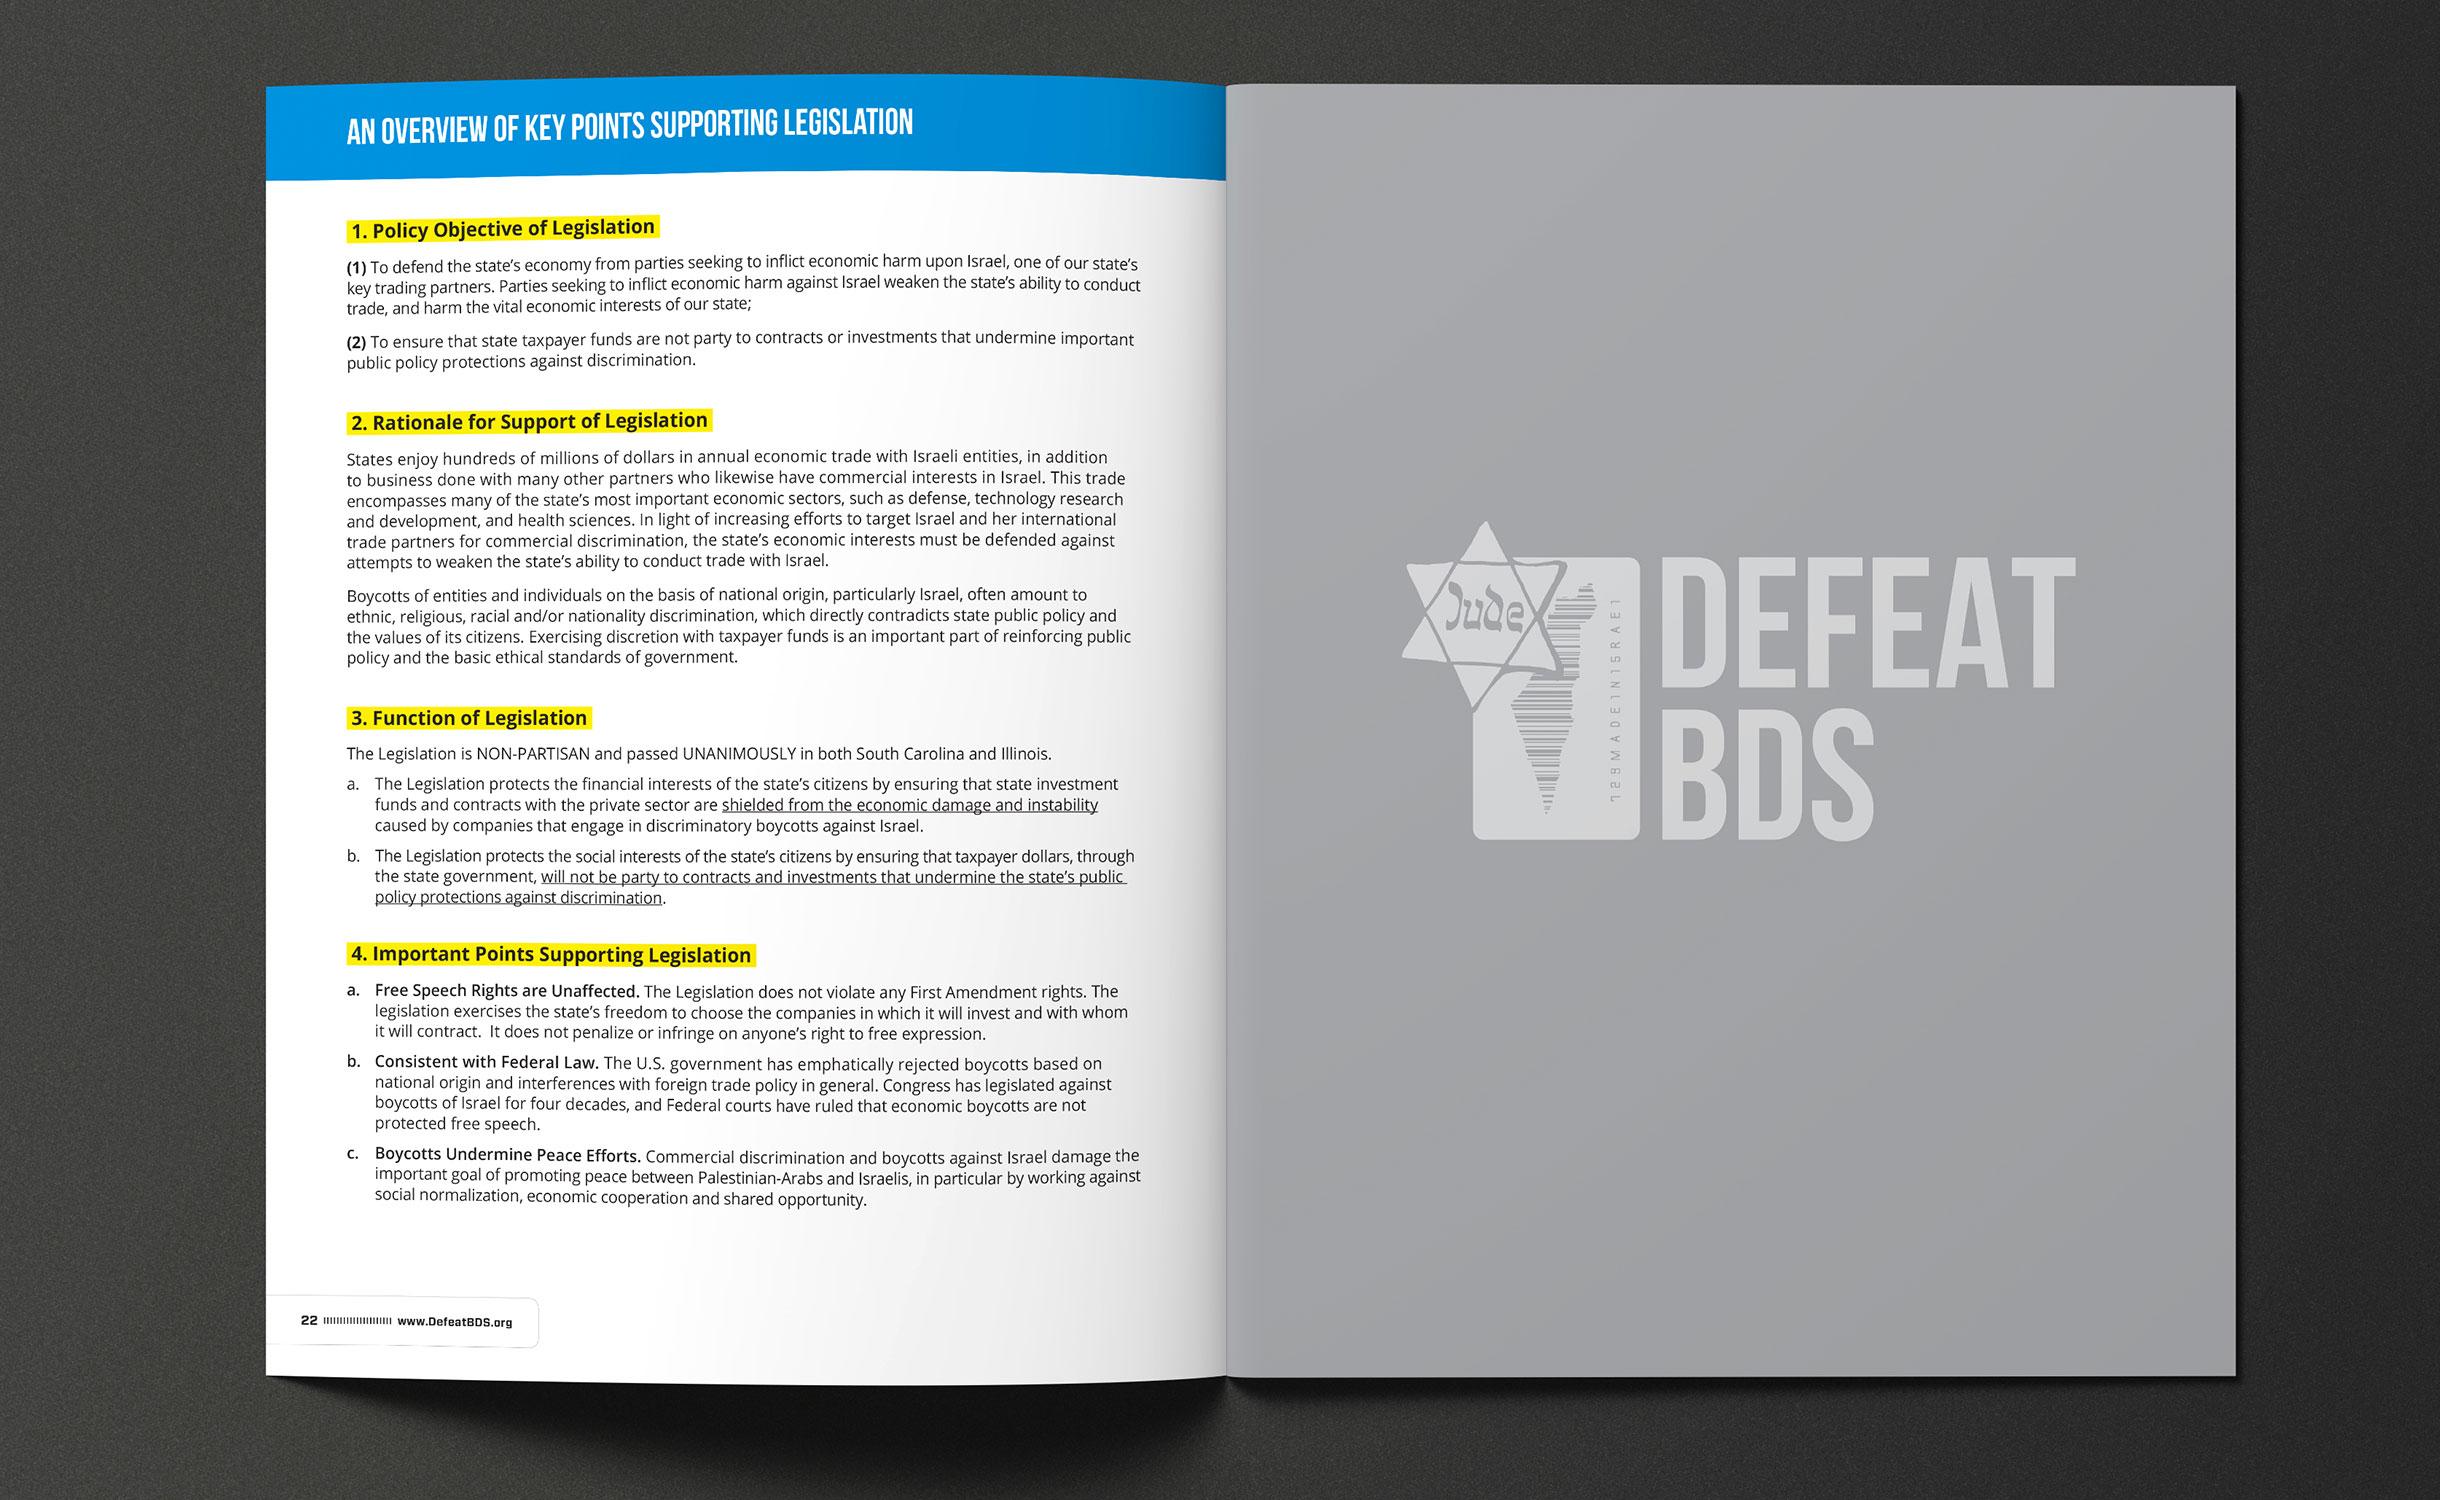 WEBSITE_DefeatBDS_Pages_22-23